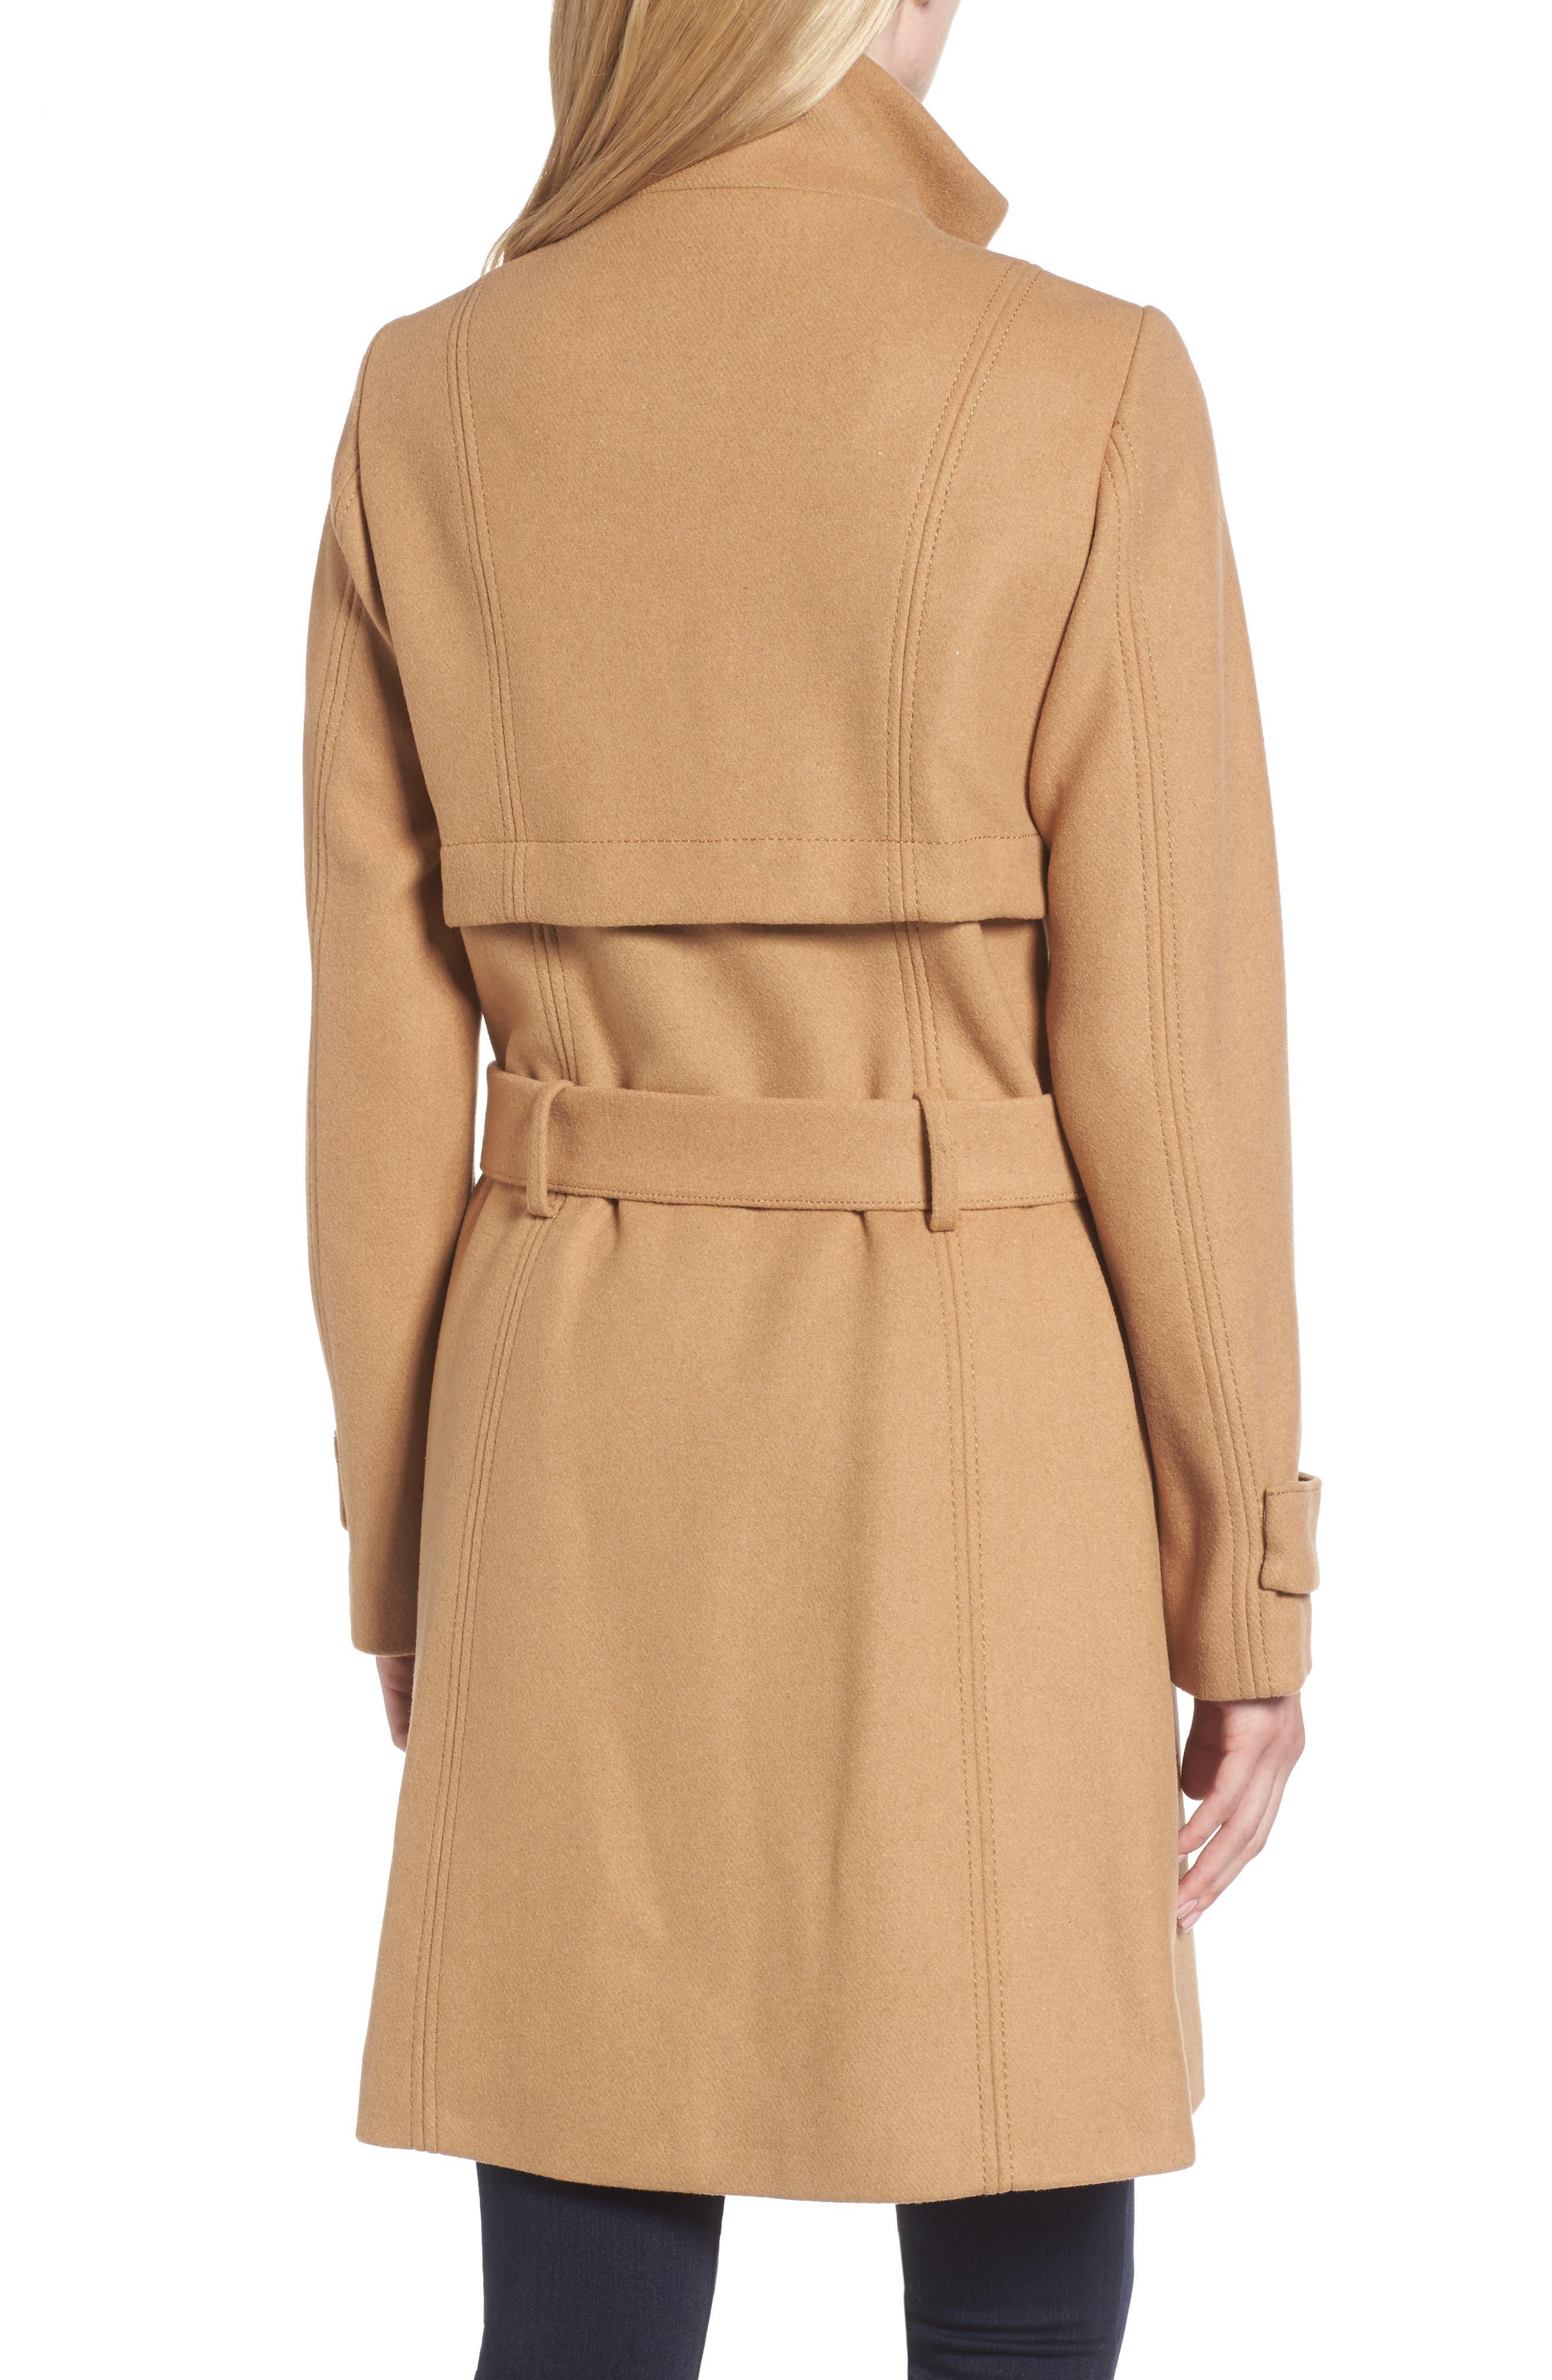 Flange Belted Coat,                             Alternate thumbnail 2, color,                             Camel